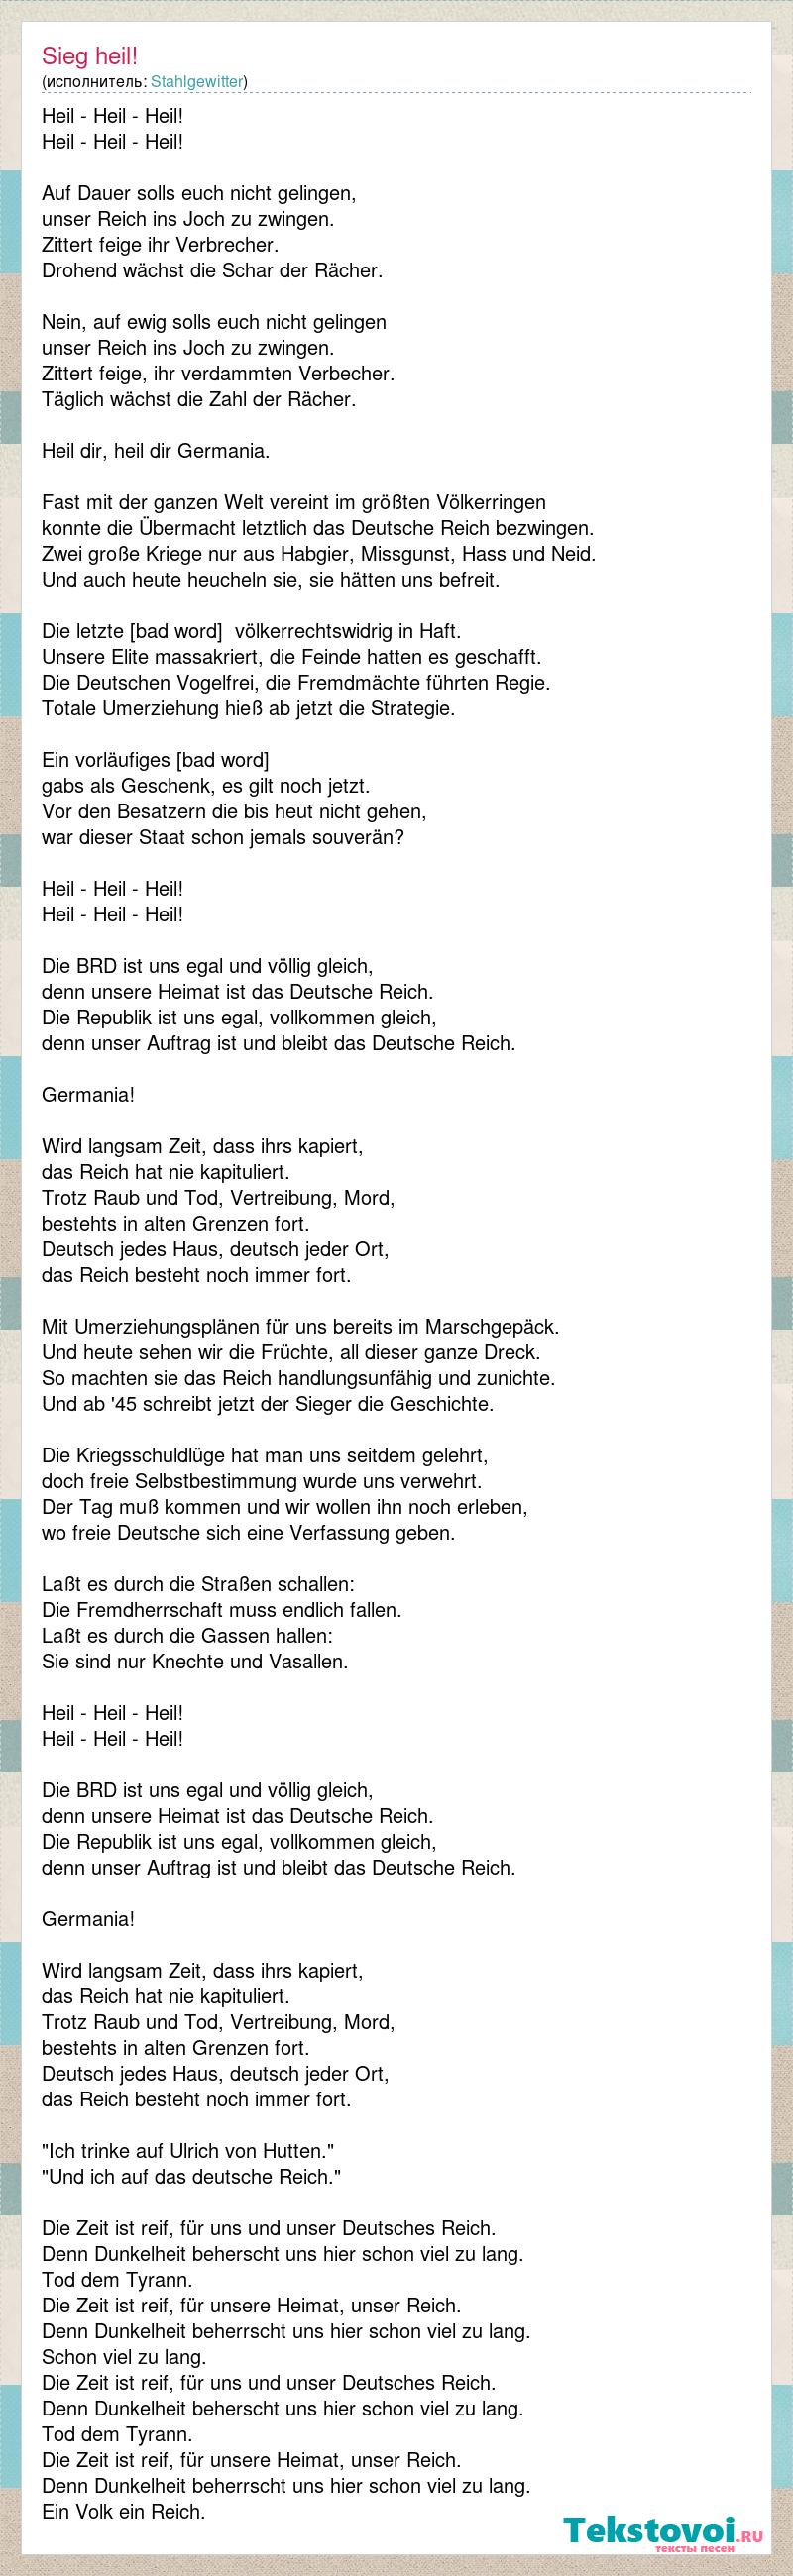 stahlgewitter auftrag deutsches reich text